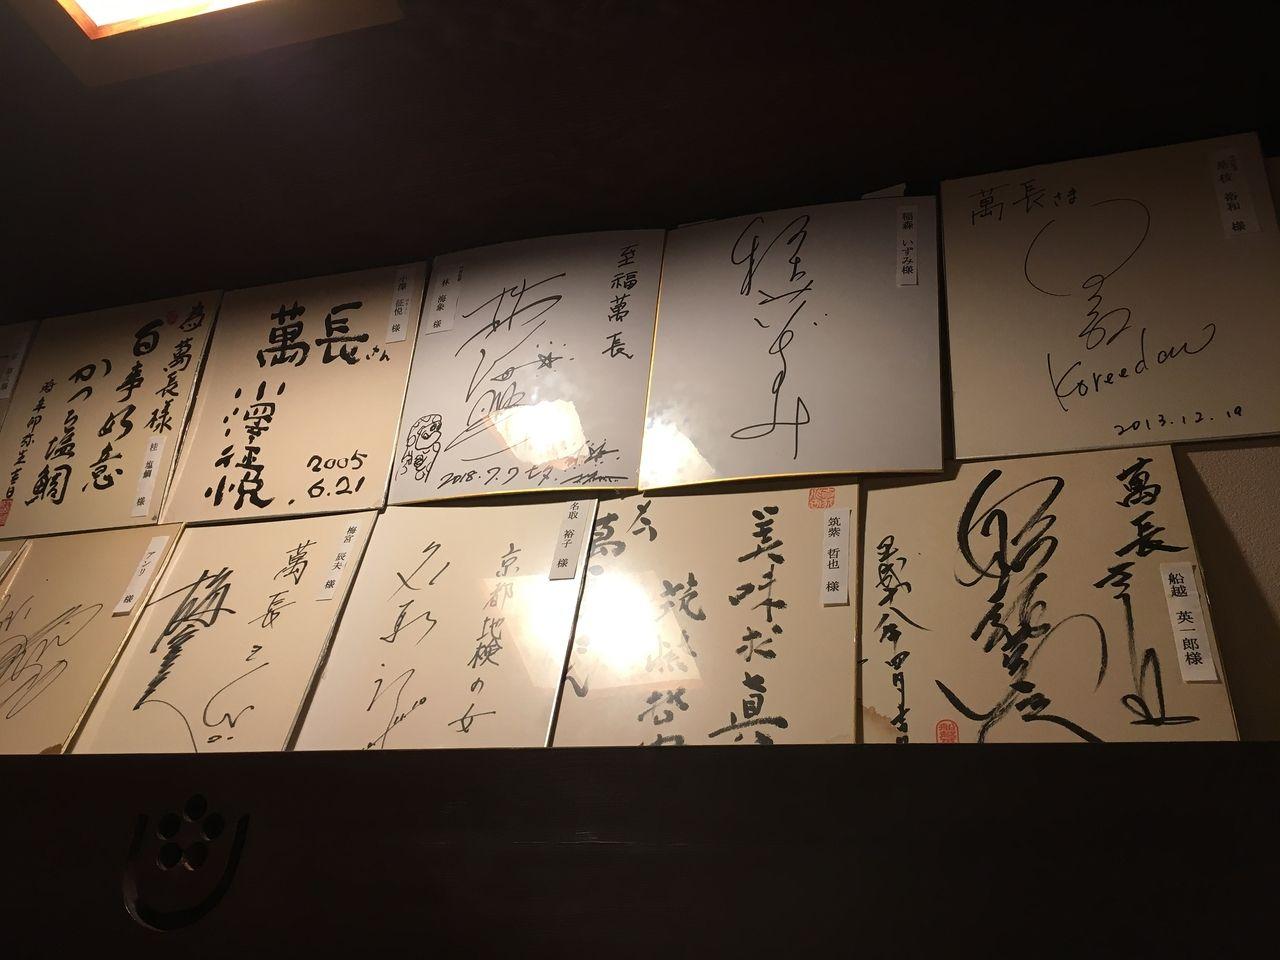 京都にある日本料理の店「萬長」さんの店内に飾られている色紙